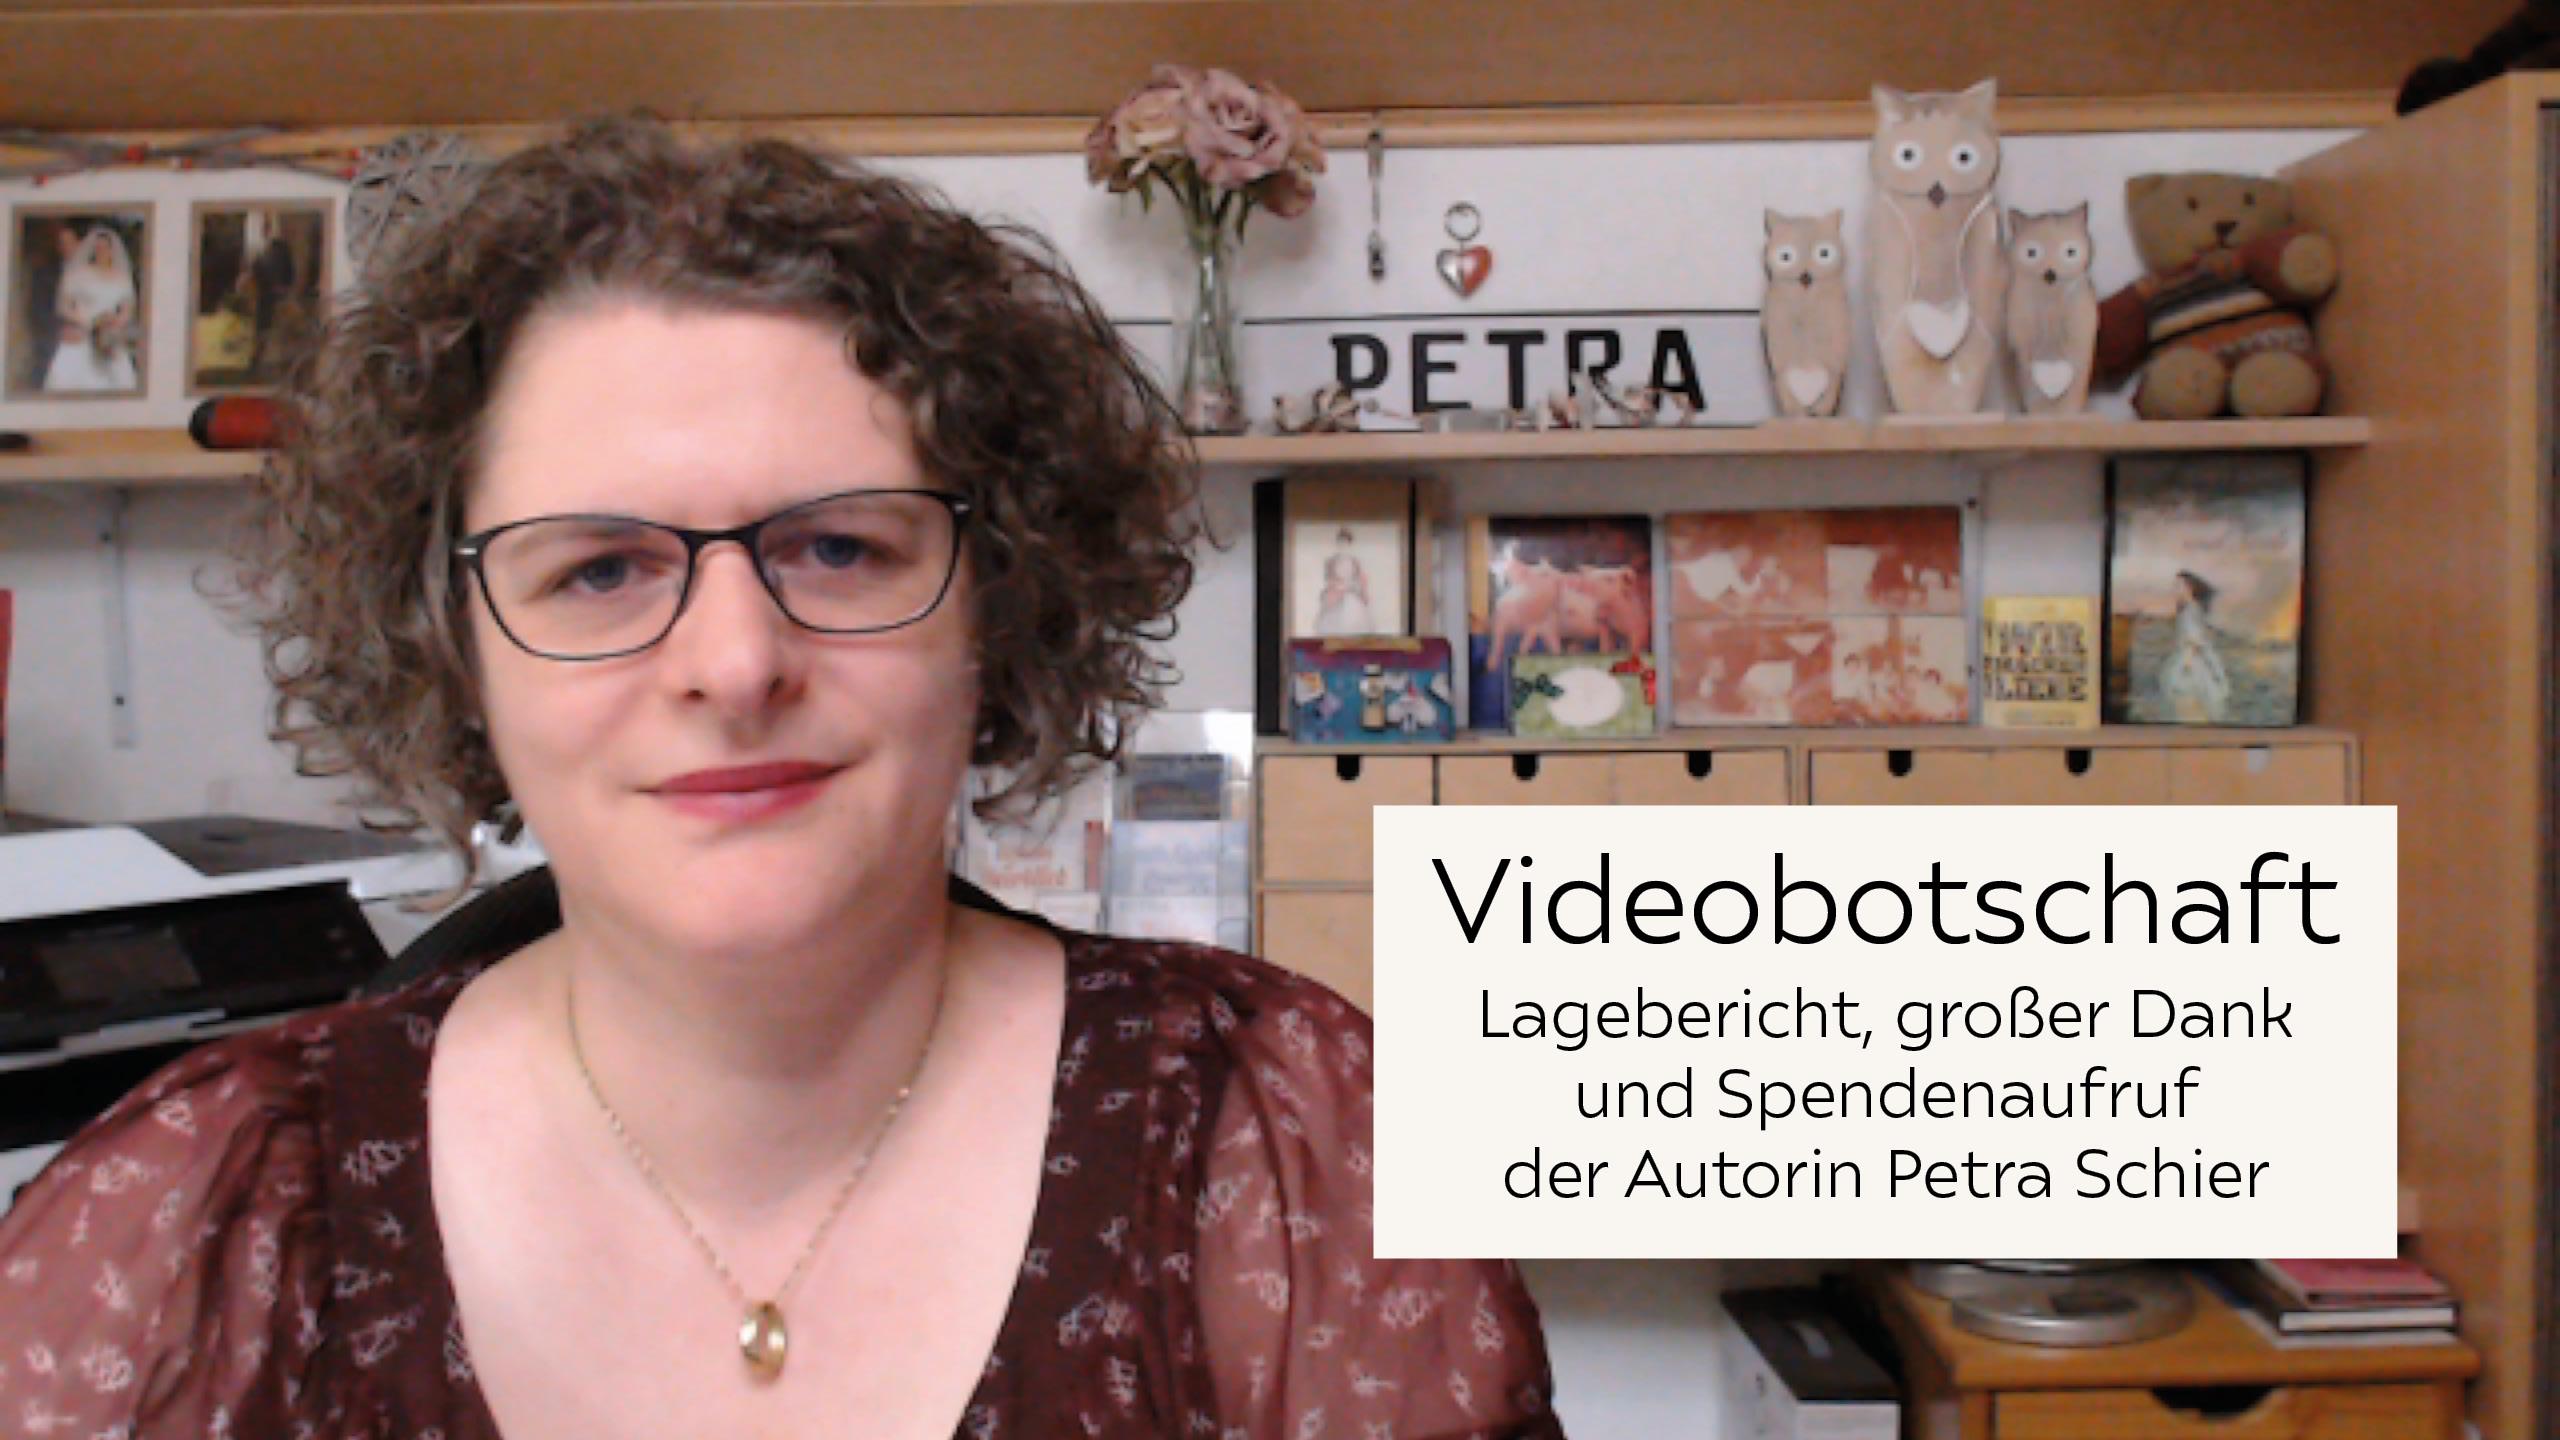 Videobotschaft zur Flutkatastrophe im Kreis Ahrweiler